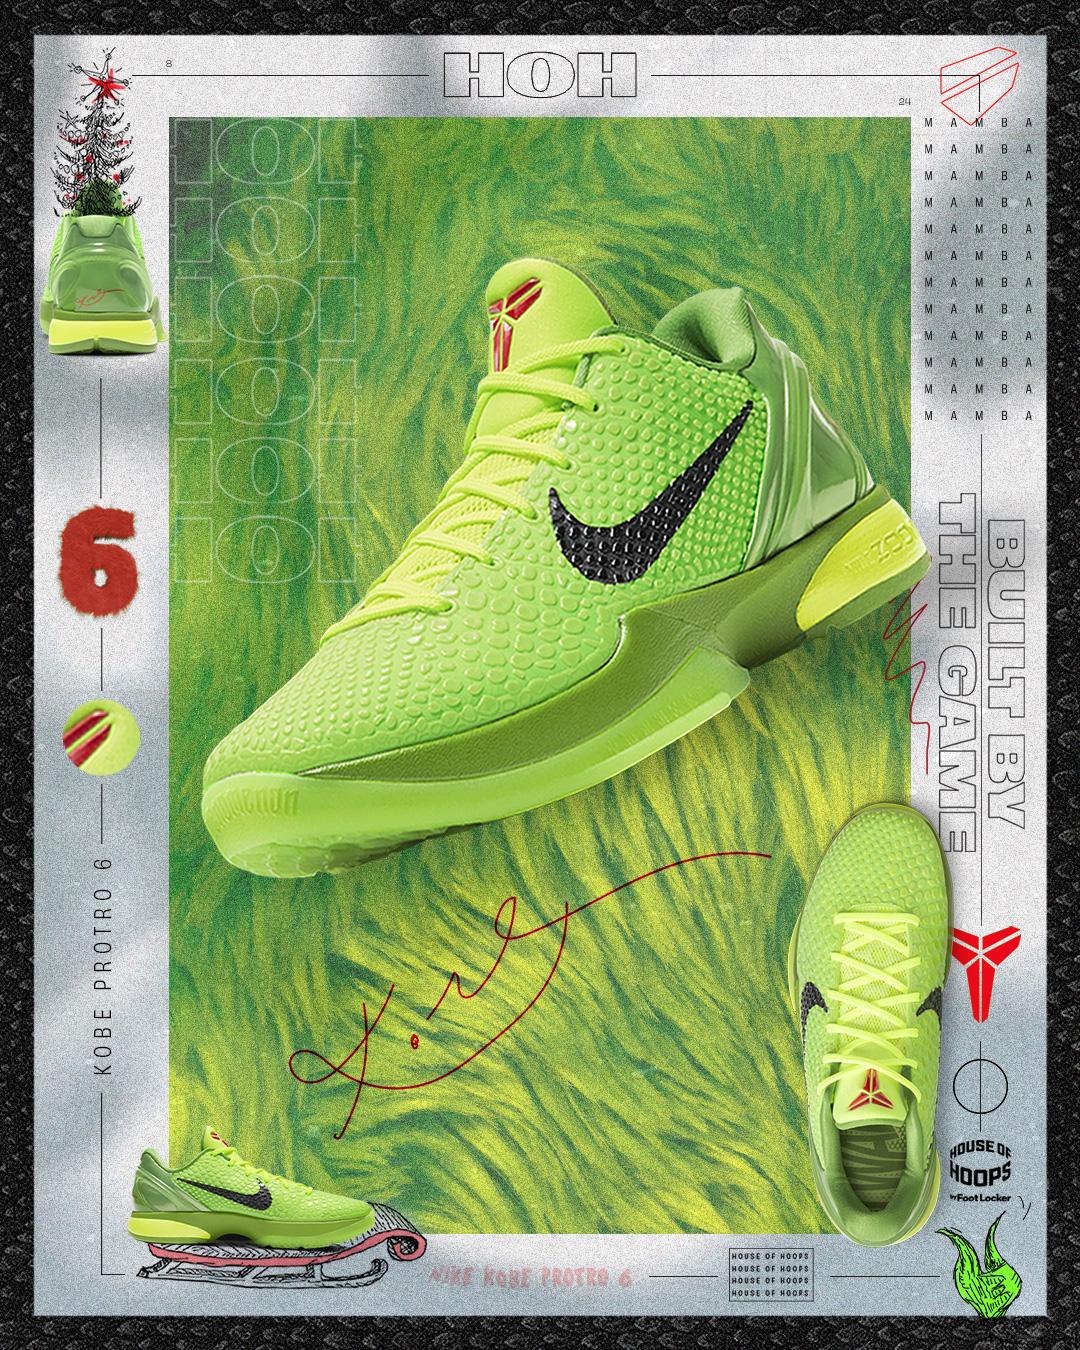 Nike-Kobe-Protro-6-Sketch-AK-04